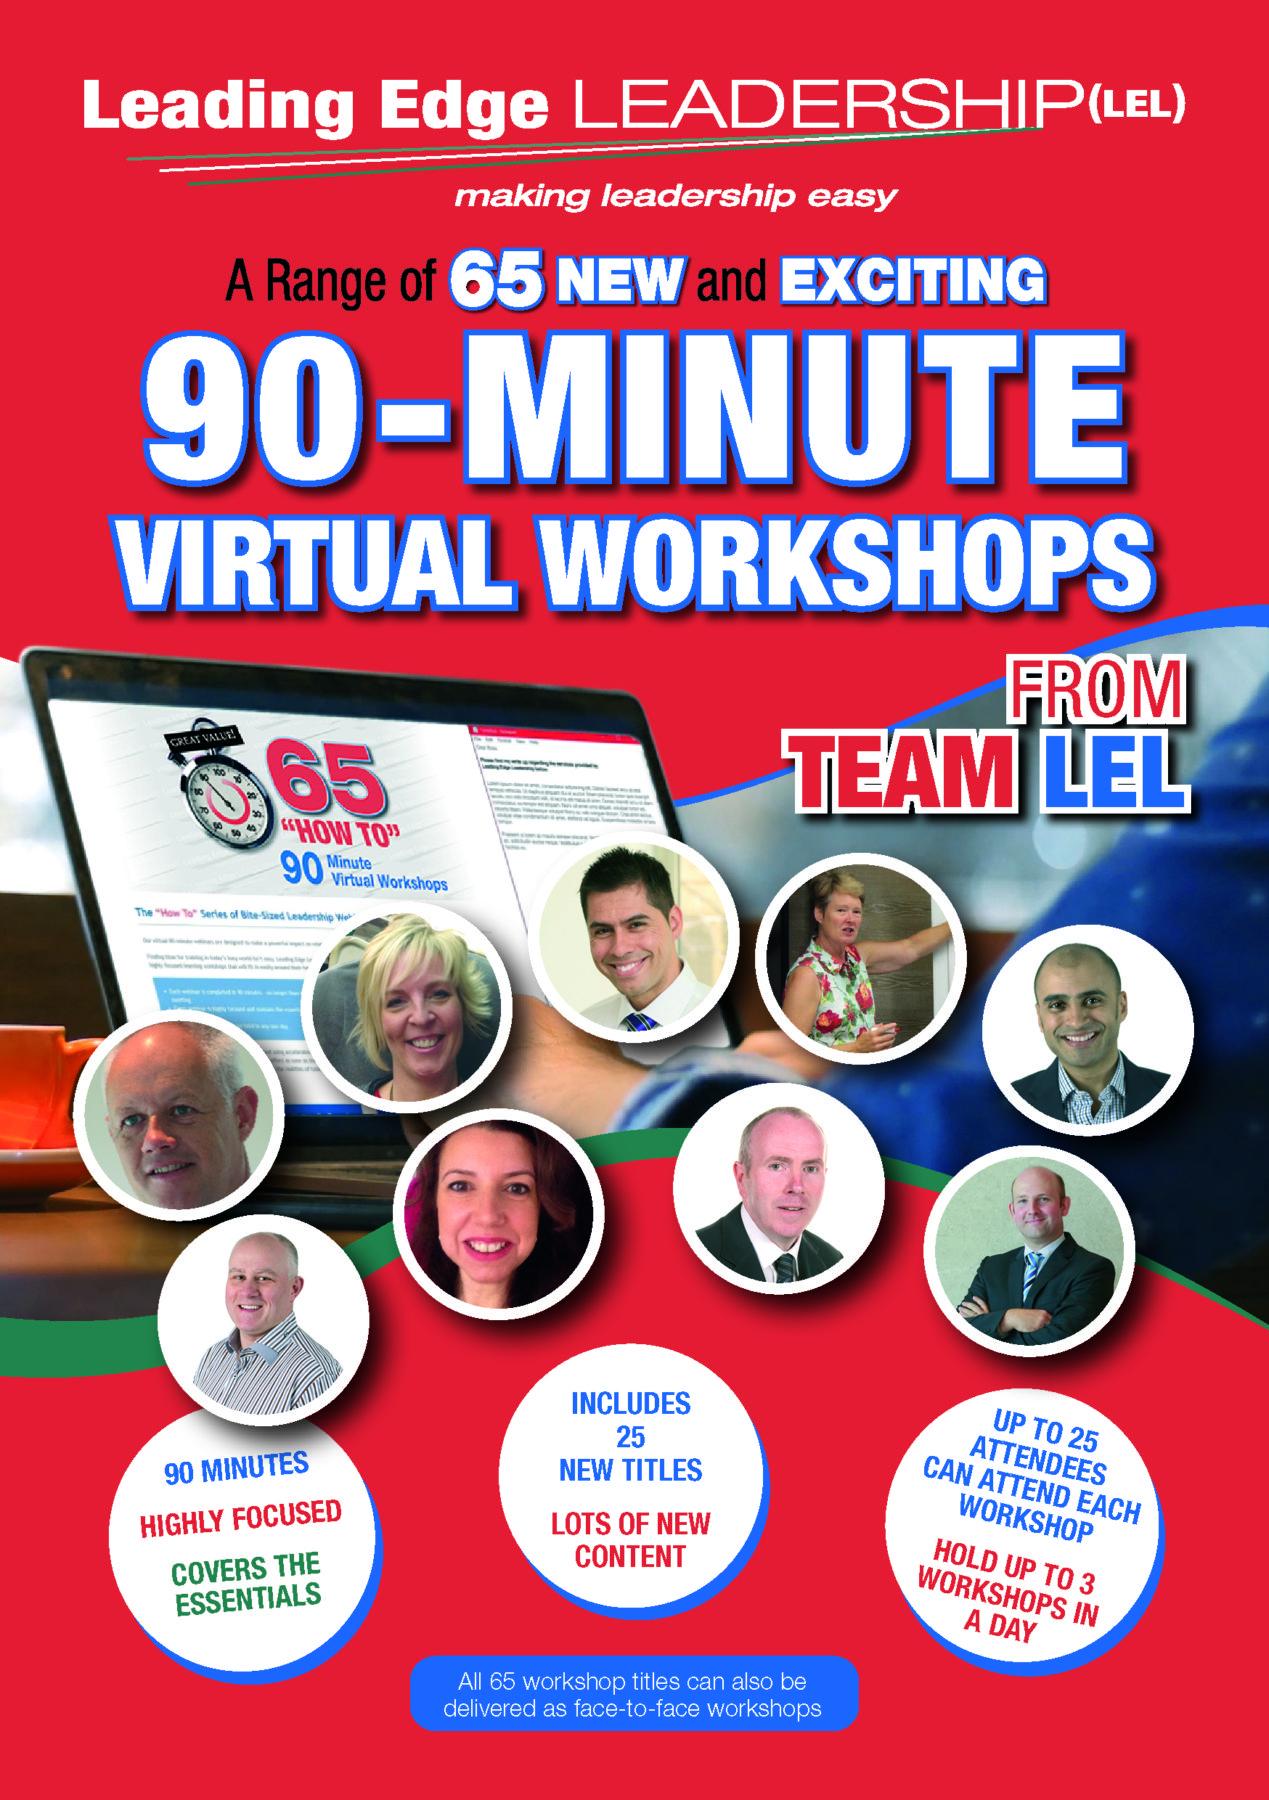 90-Minute Virtual Workshops